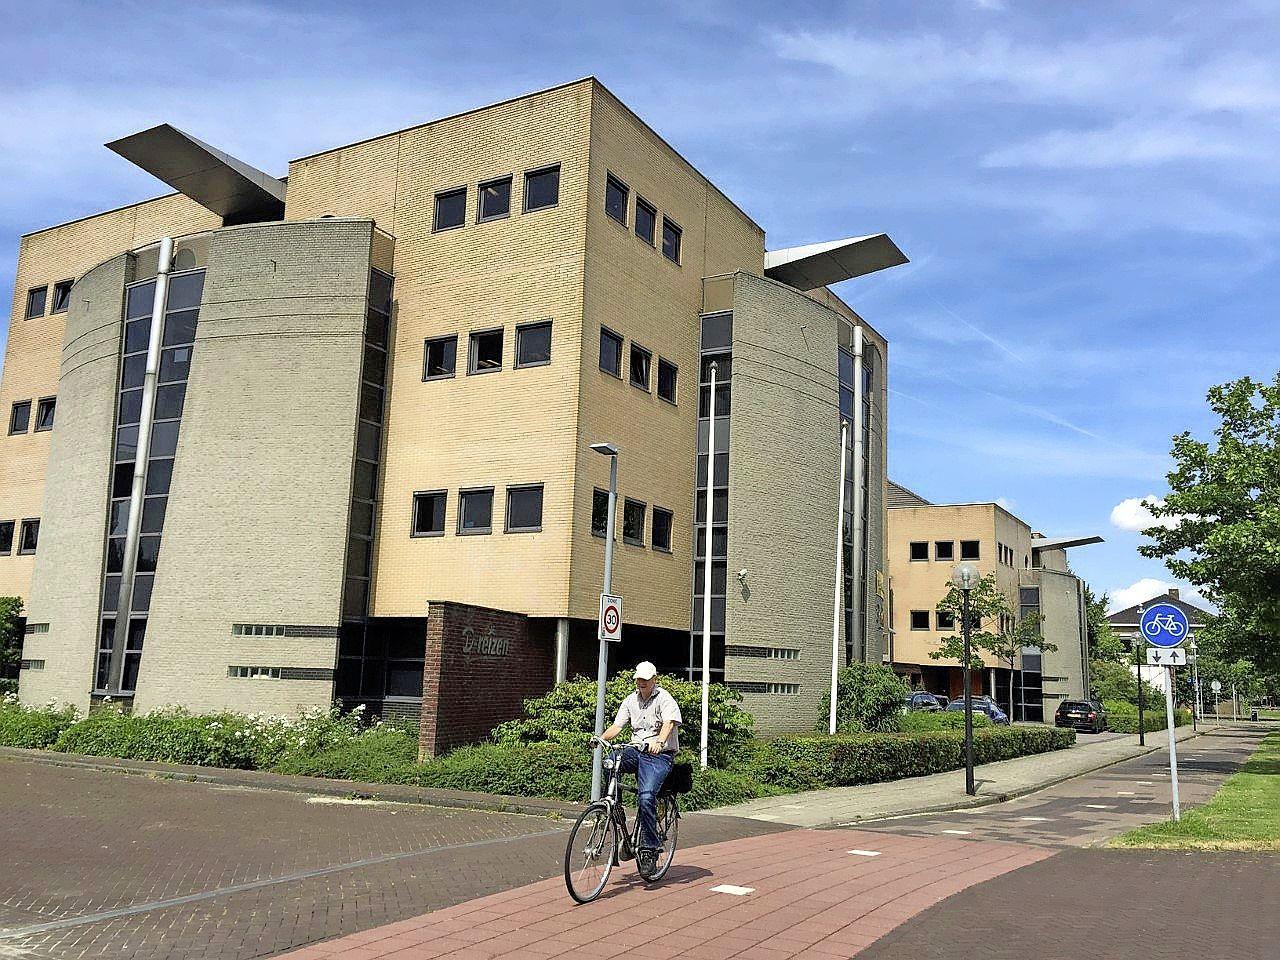 Appartementengebouw met 140 woningen naast Cultuurgebouw Hoofddorp, bouwhoogtes nog niet bekend